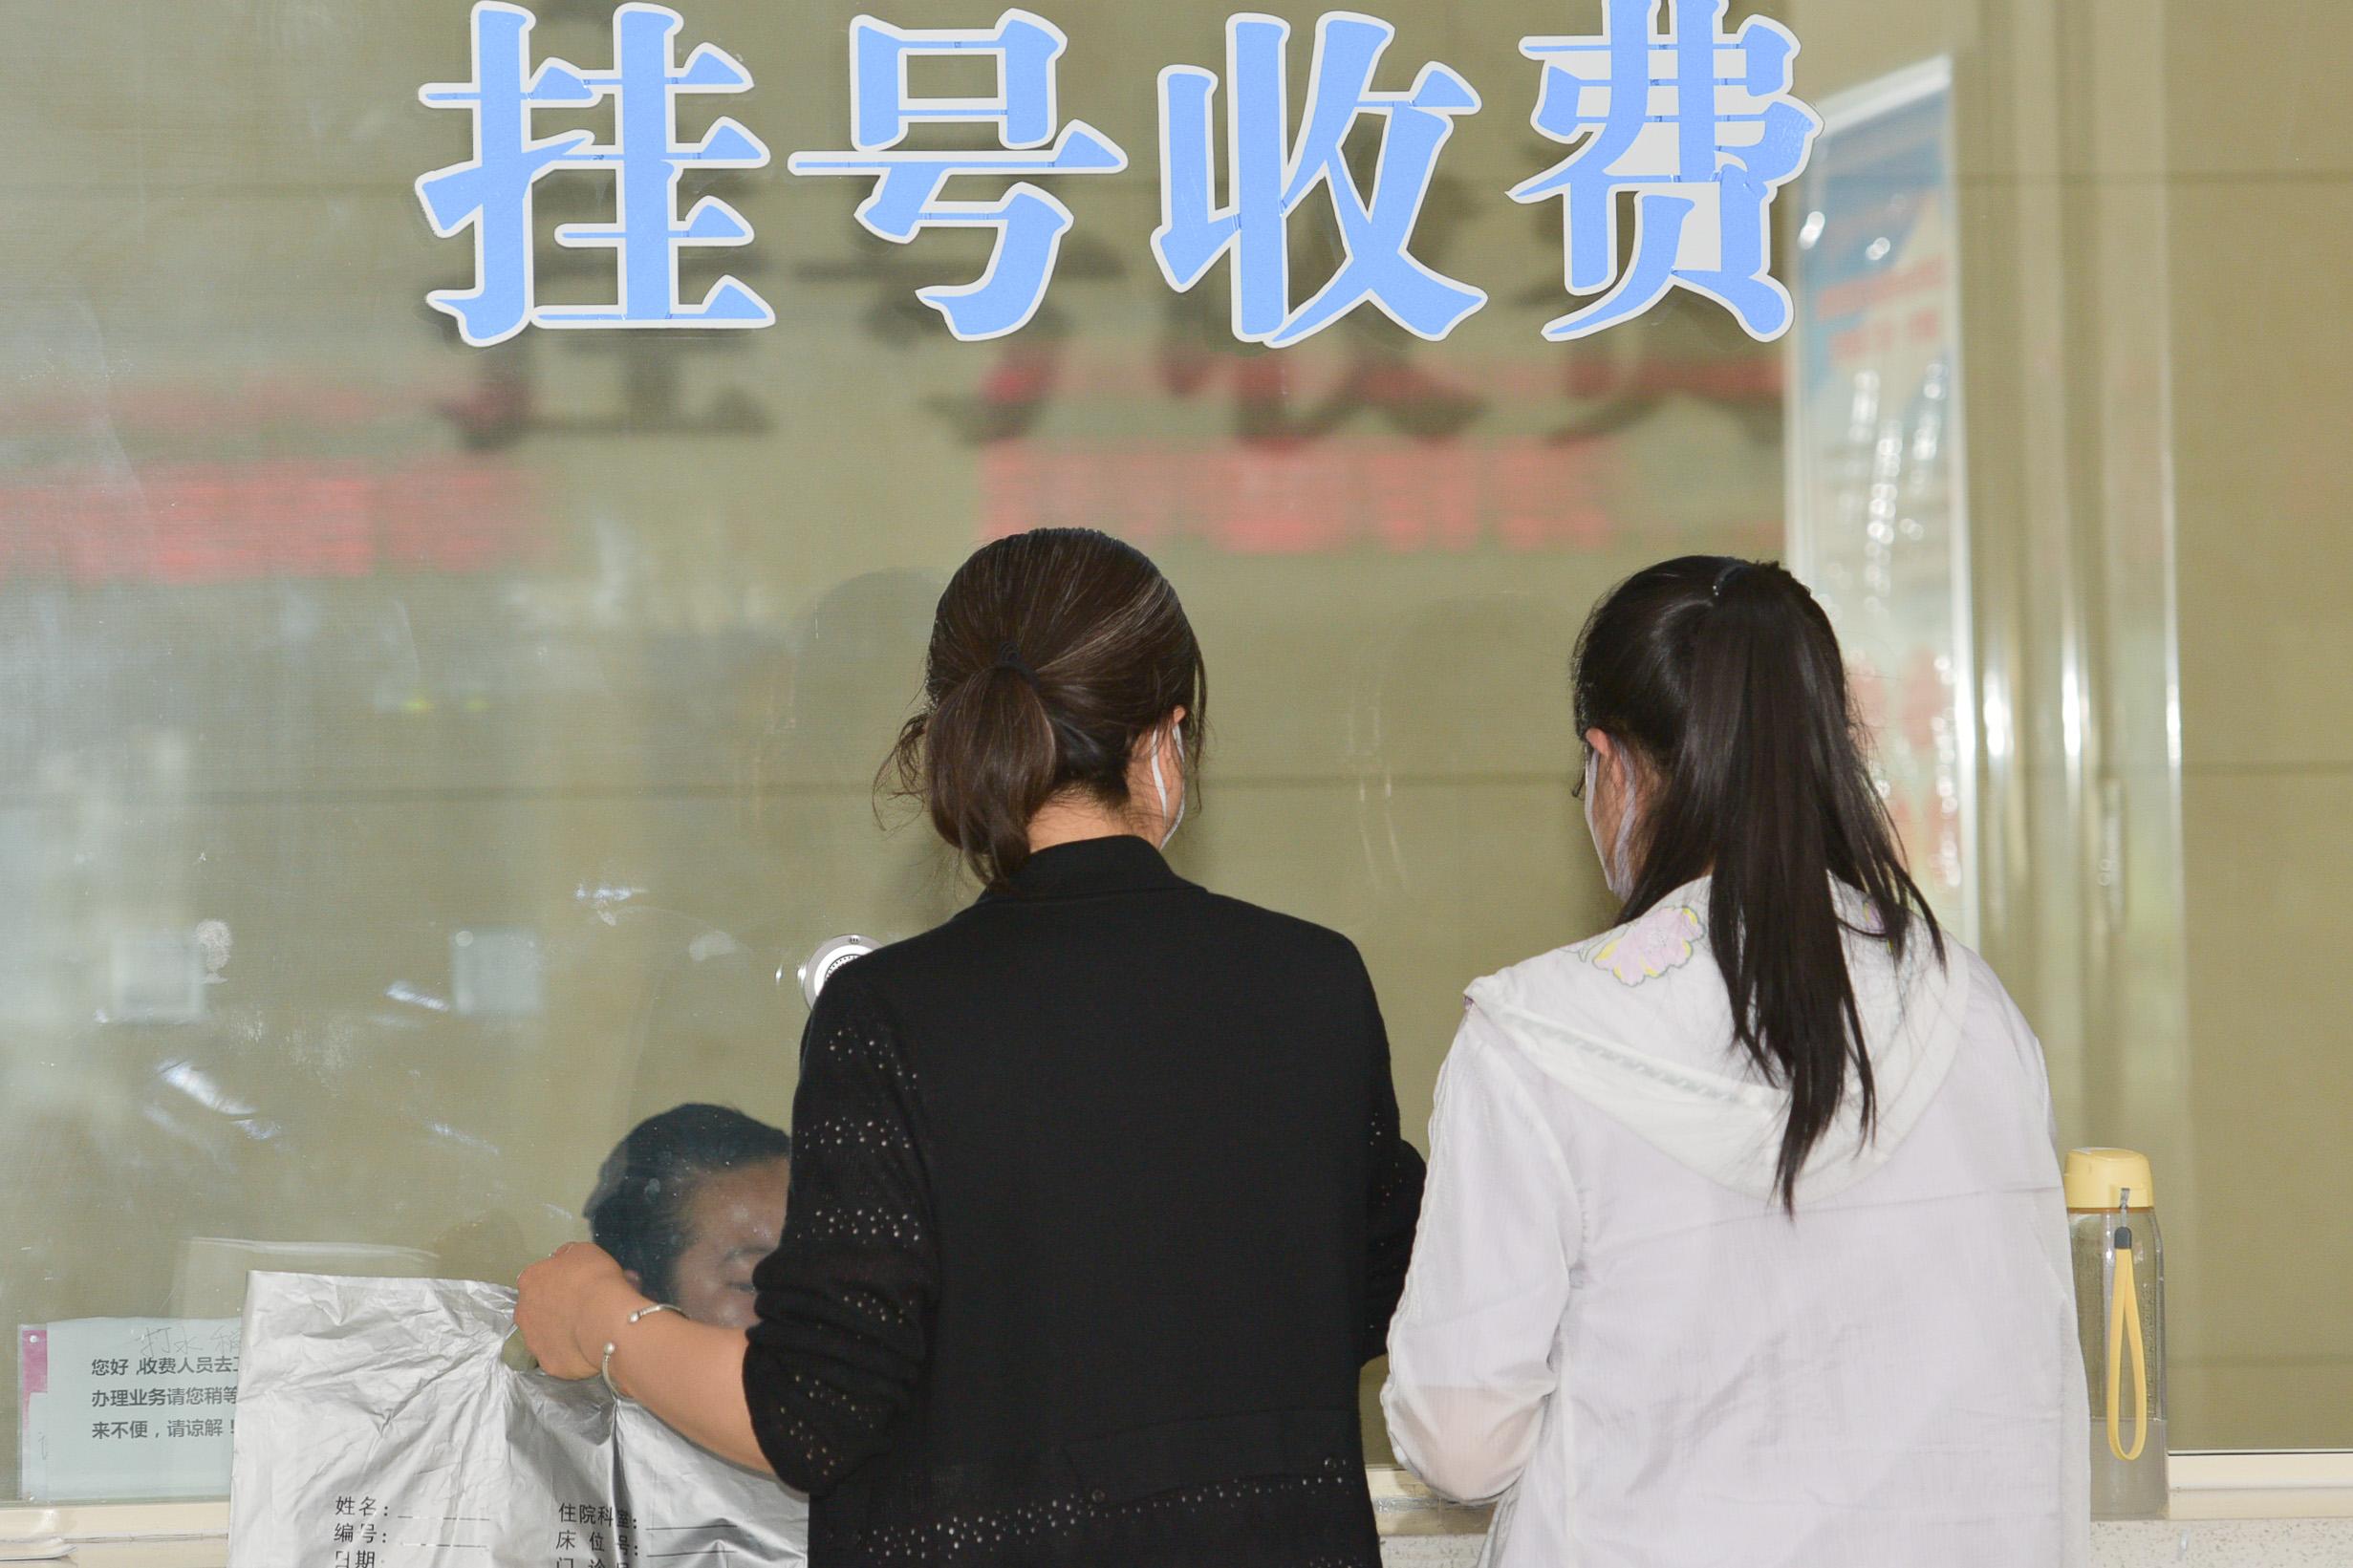 近2亿家庭存在因病返贫风险,湖北省首个普惠型补充医疗保险落地